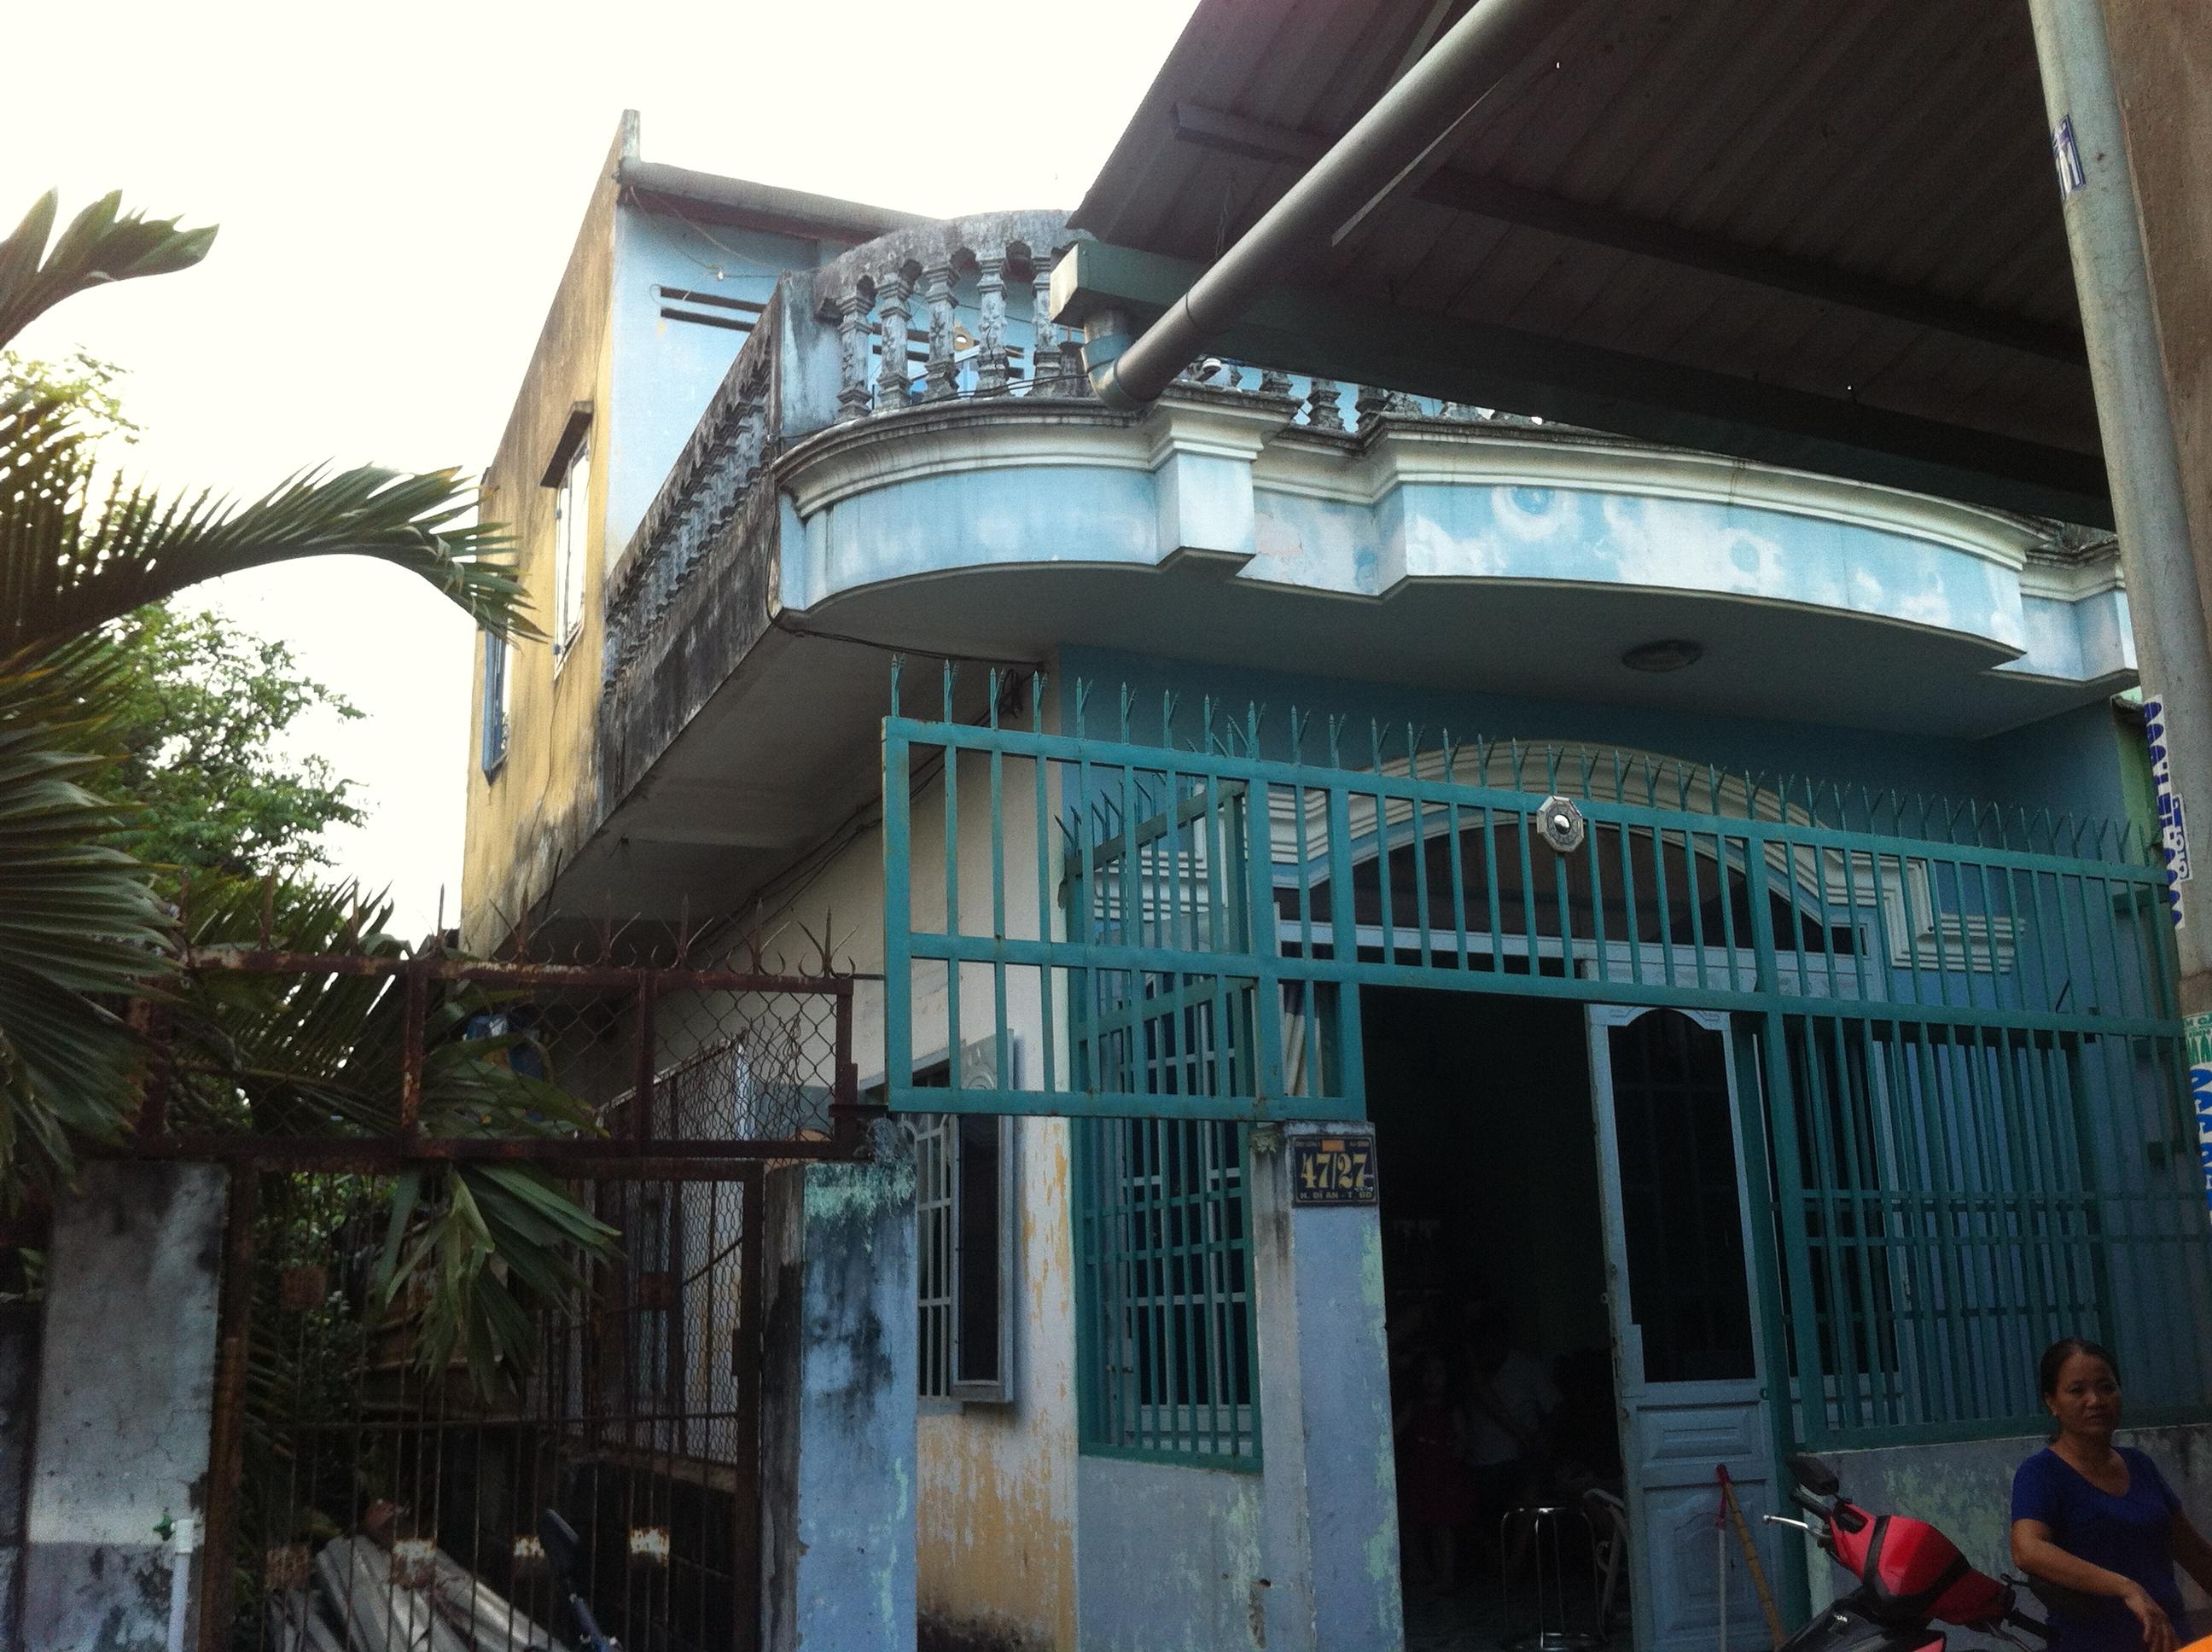 Phía trước nhà khu dân cư trung tâm hành chính dĩ an, nhà có 2 phòng trọ